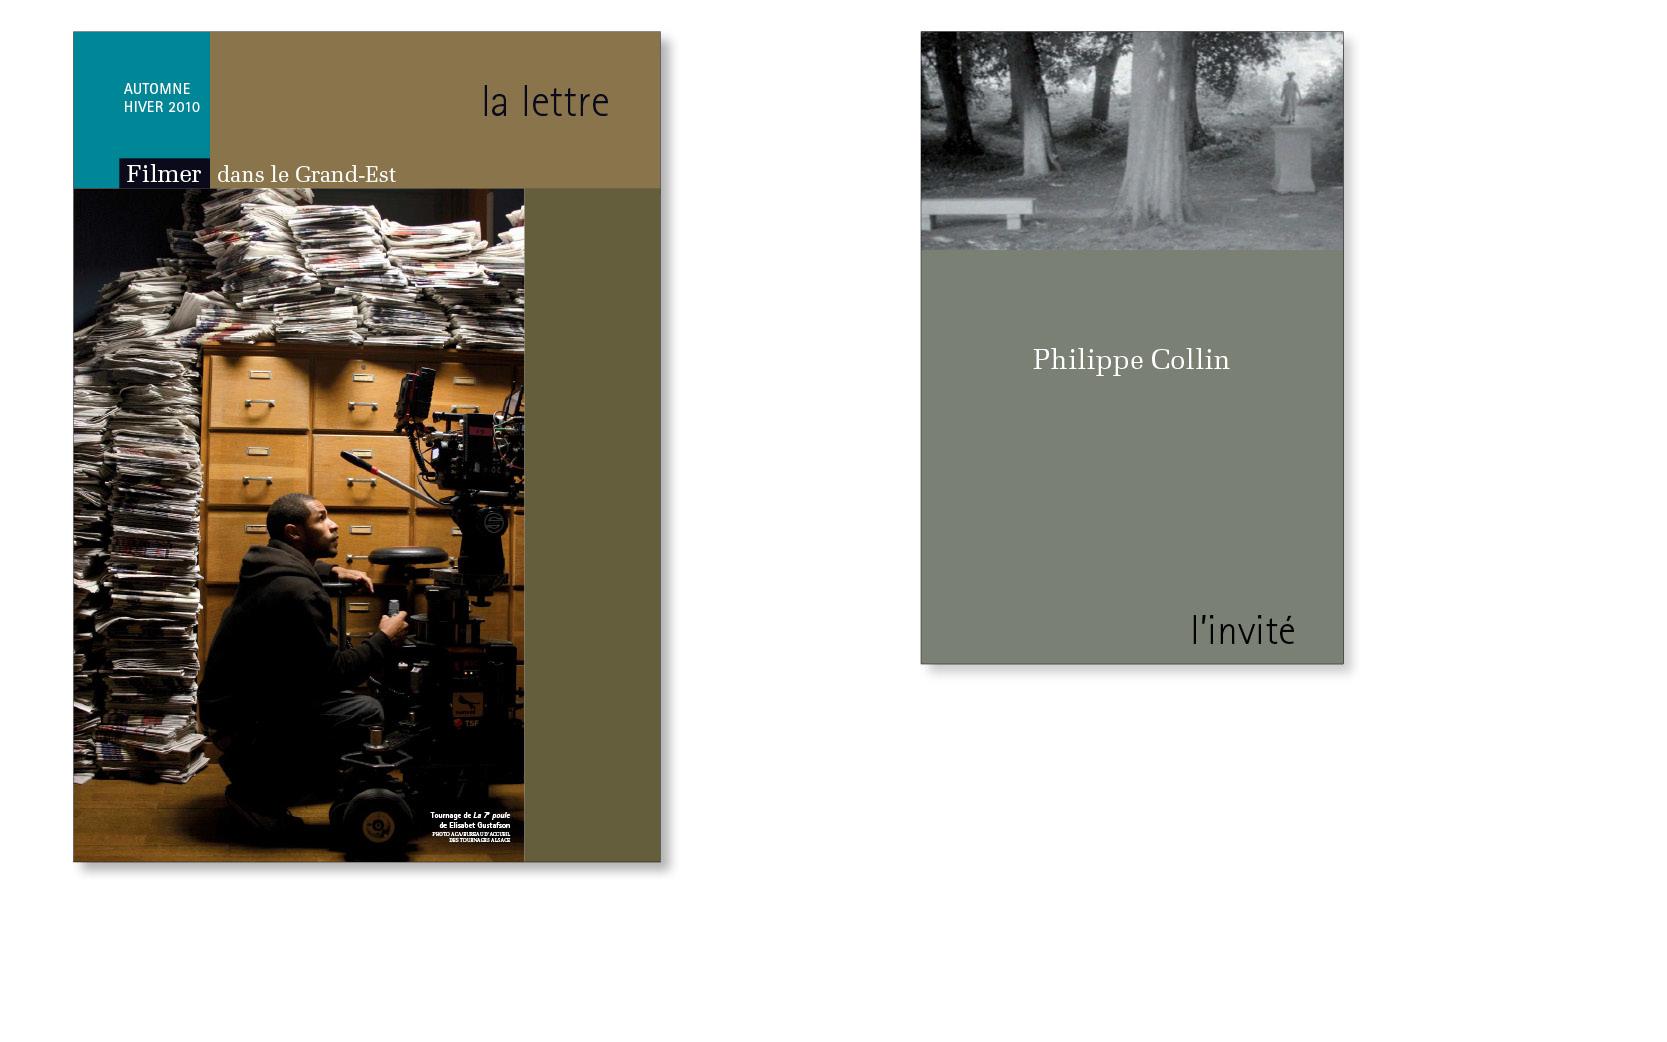 Revue professionnelle  La Lettre Filmer dans le Grand-Est et son supplément L'invité,  2006 à 2011.